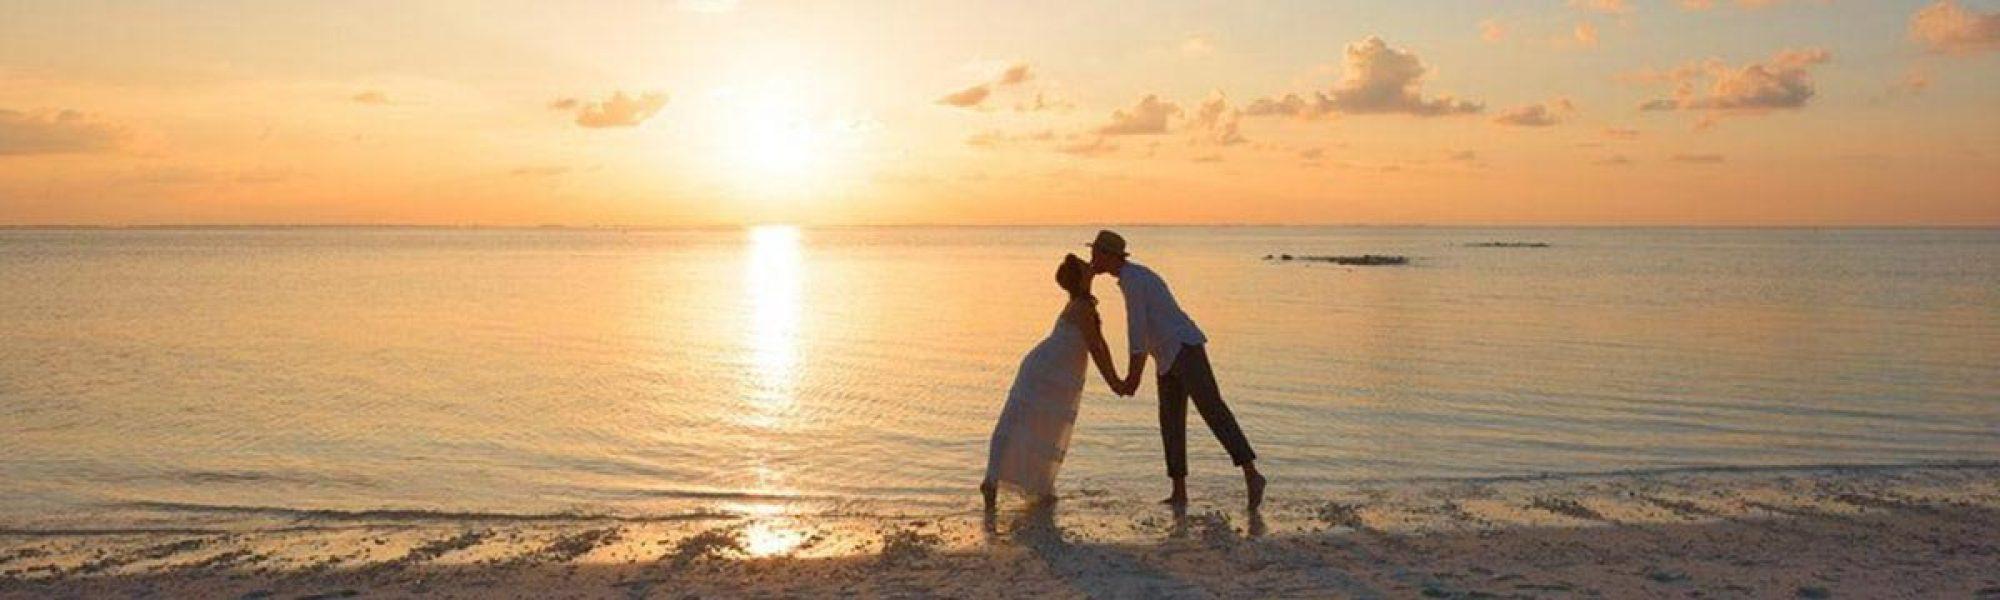 7 Timeless Honeymoon Destinations